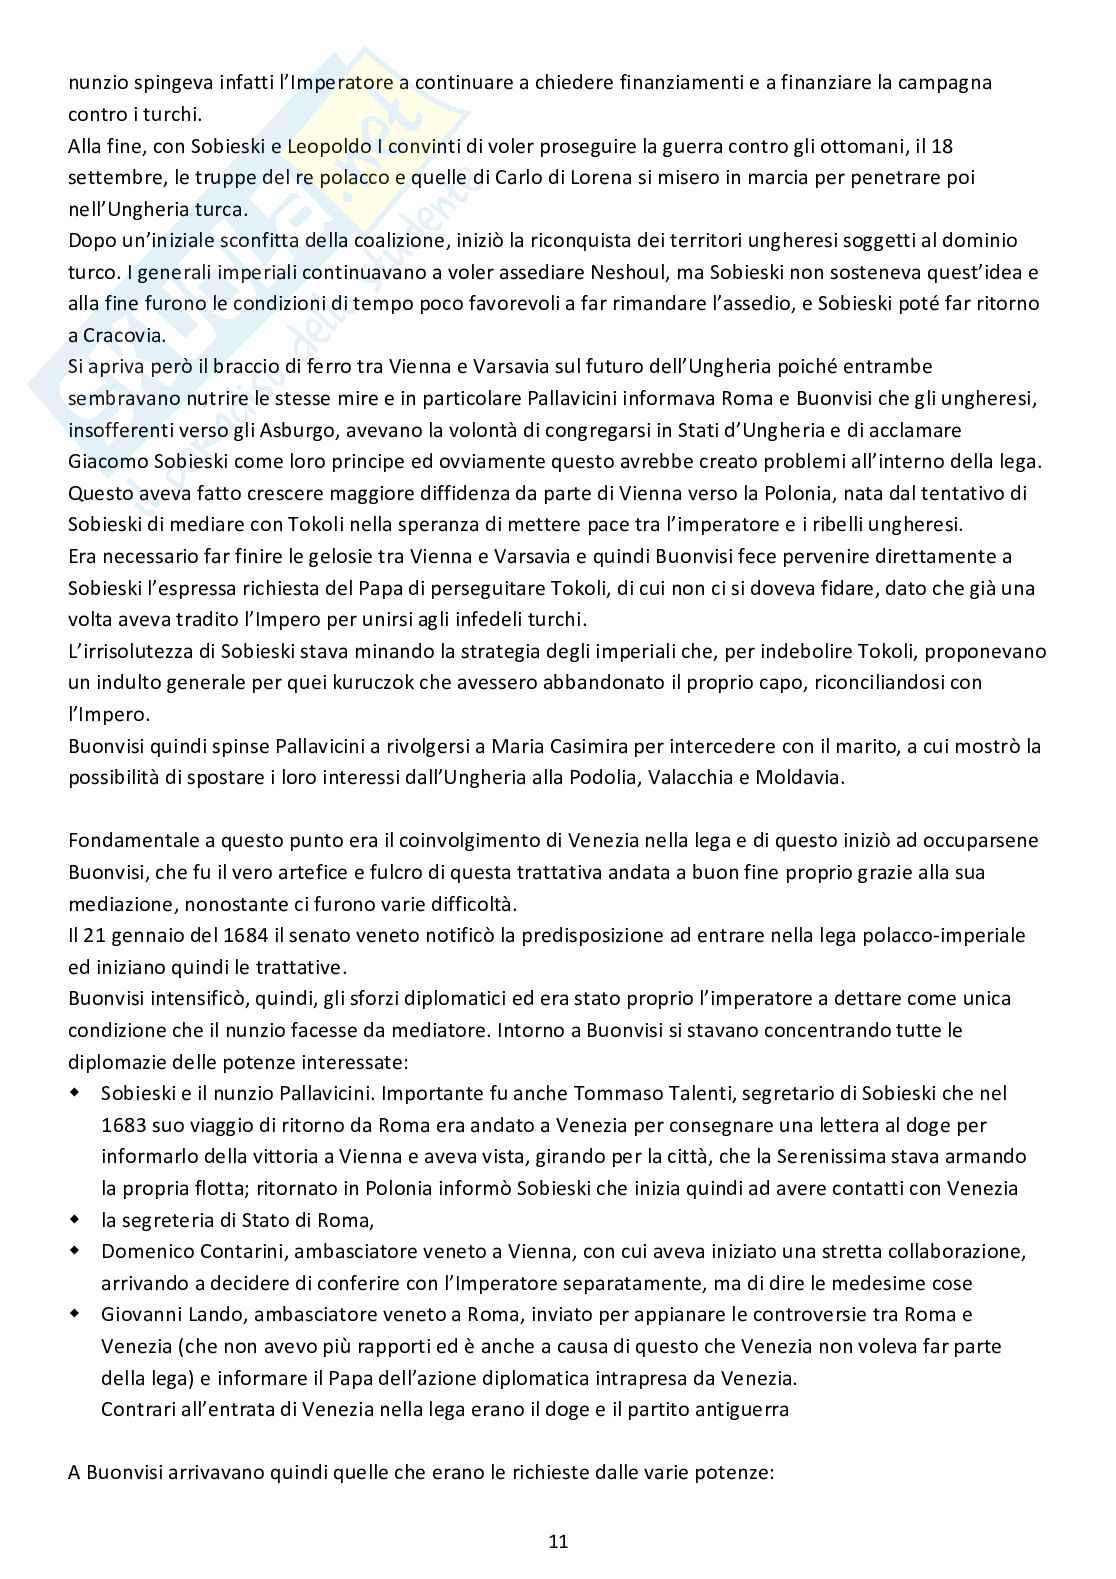 Riassunto esame Storia dell'Europa orientale, prof. Boccolini, libro consigliato Un lucchese al servizio della Santa Sede Francesco Buonvisi nunzio a Colonia Varsavia e Vienna, Boccolini Pag. 11